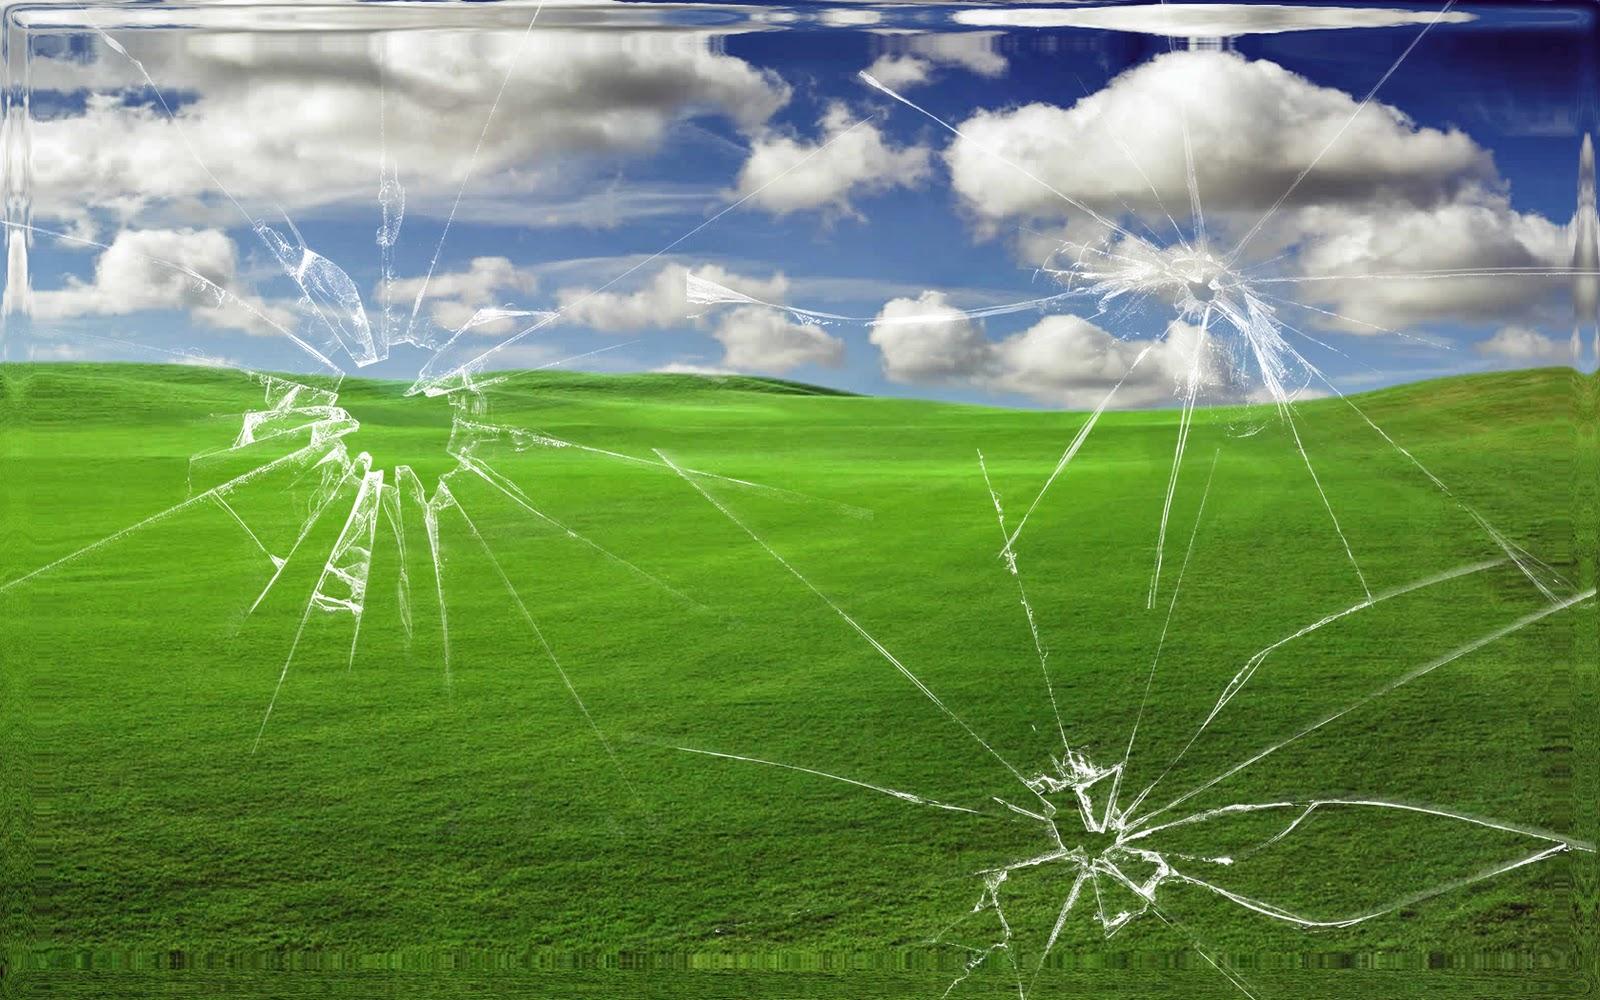 Fondos de pantalla para pc gratis para windows 7 for Imagenes de fondo de pantalla gratis